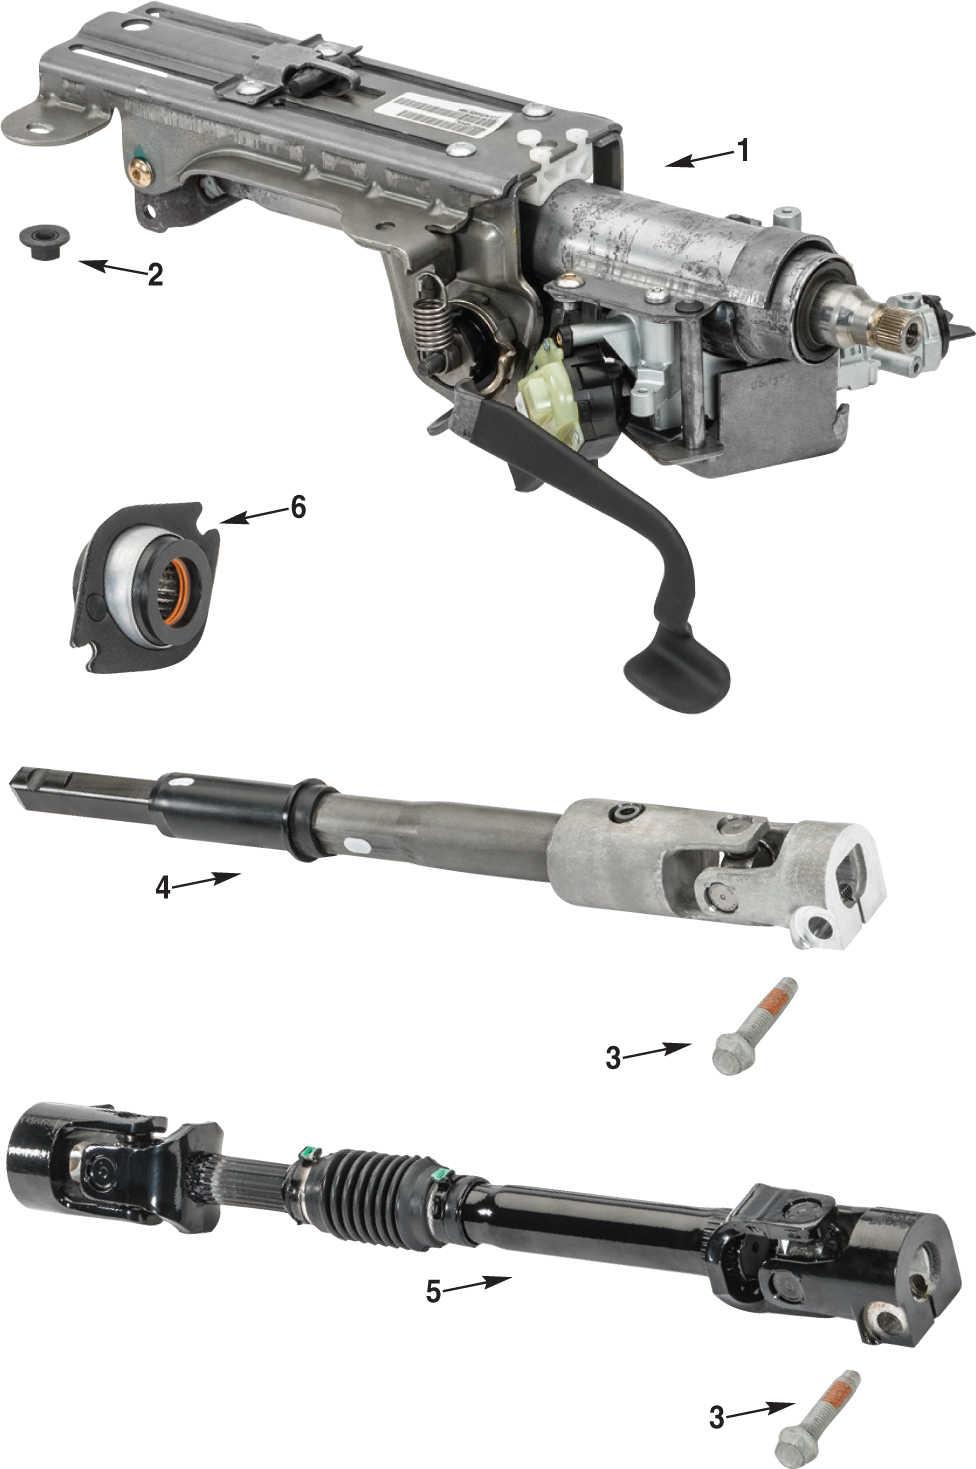 jk wrangler steering column wiring diagram jk free 1990 jeep cherokee steering column wiring diagram 1990 [ 976 x 1469 Pixel ]